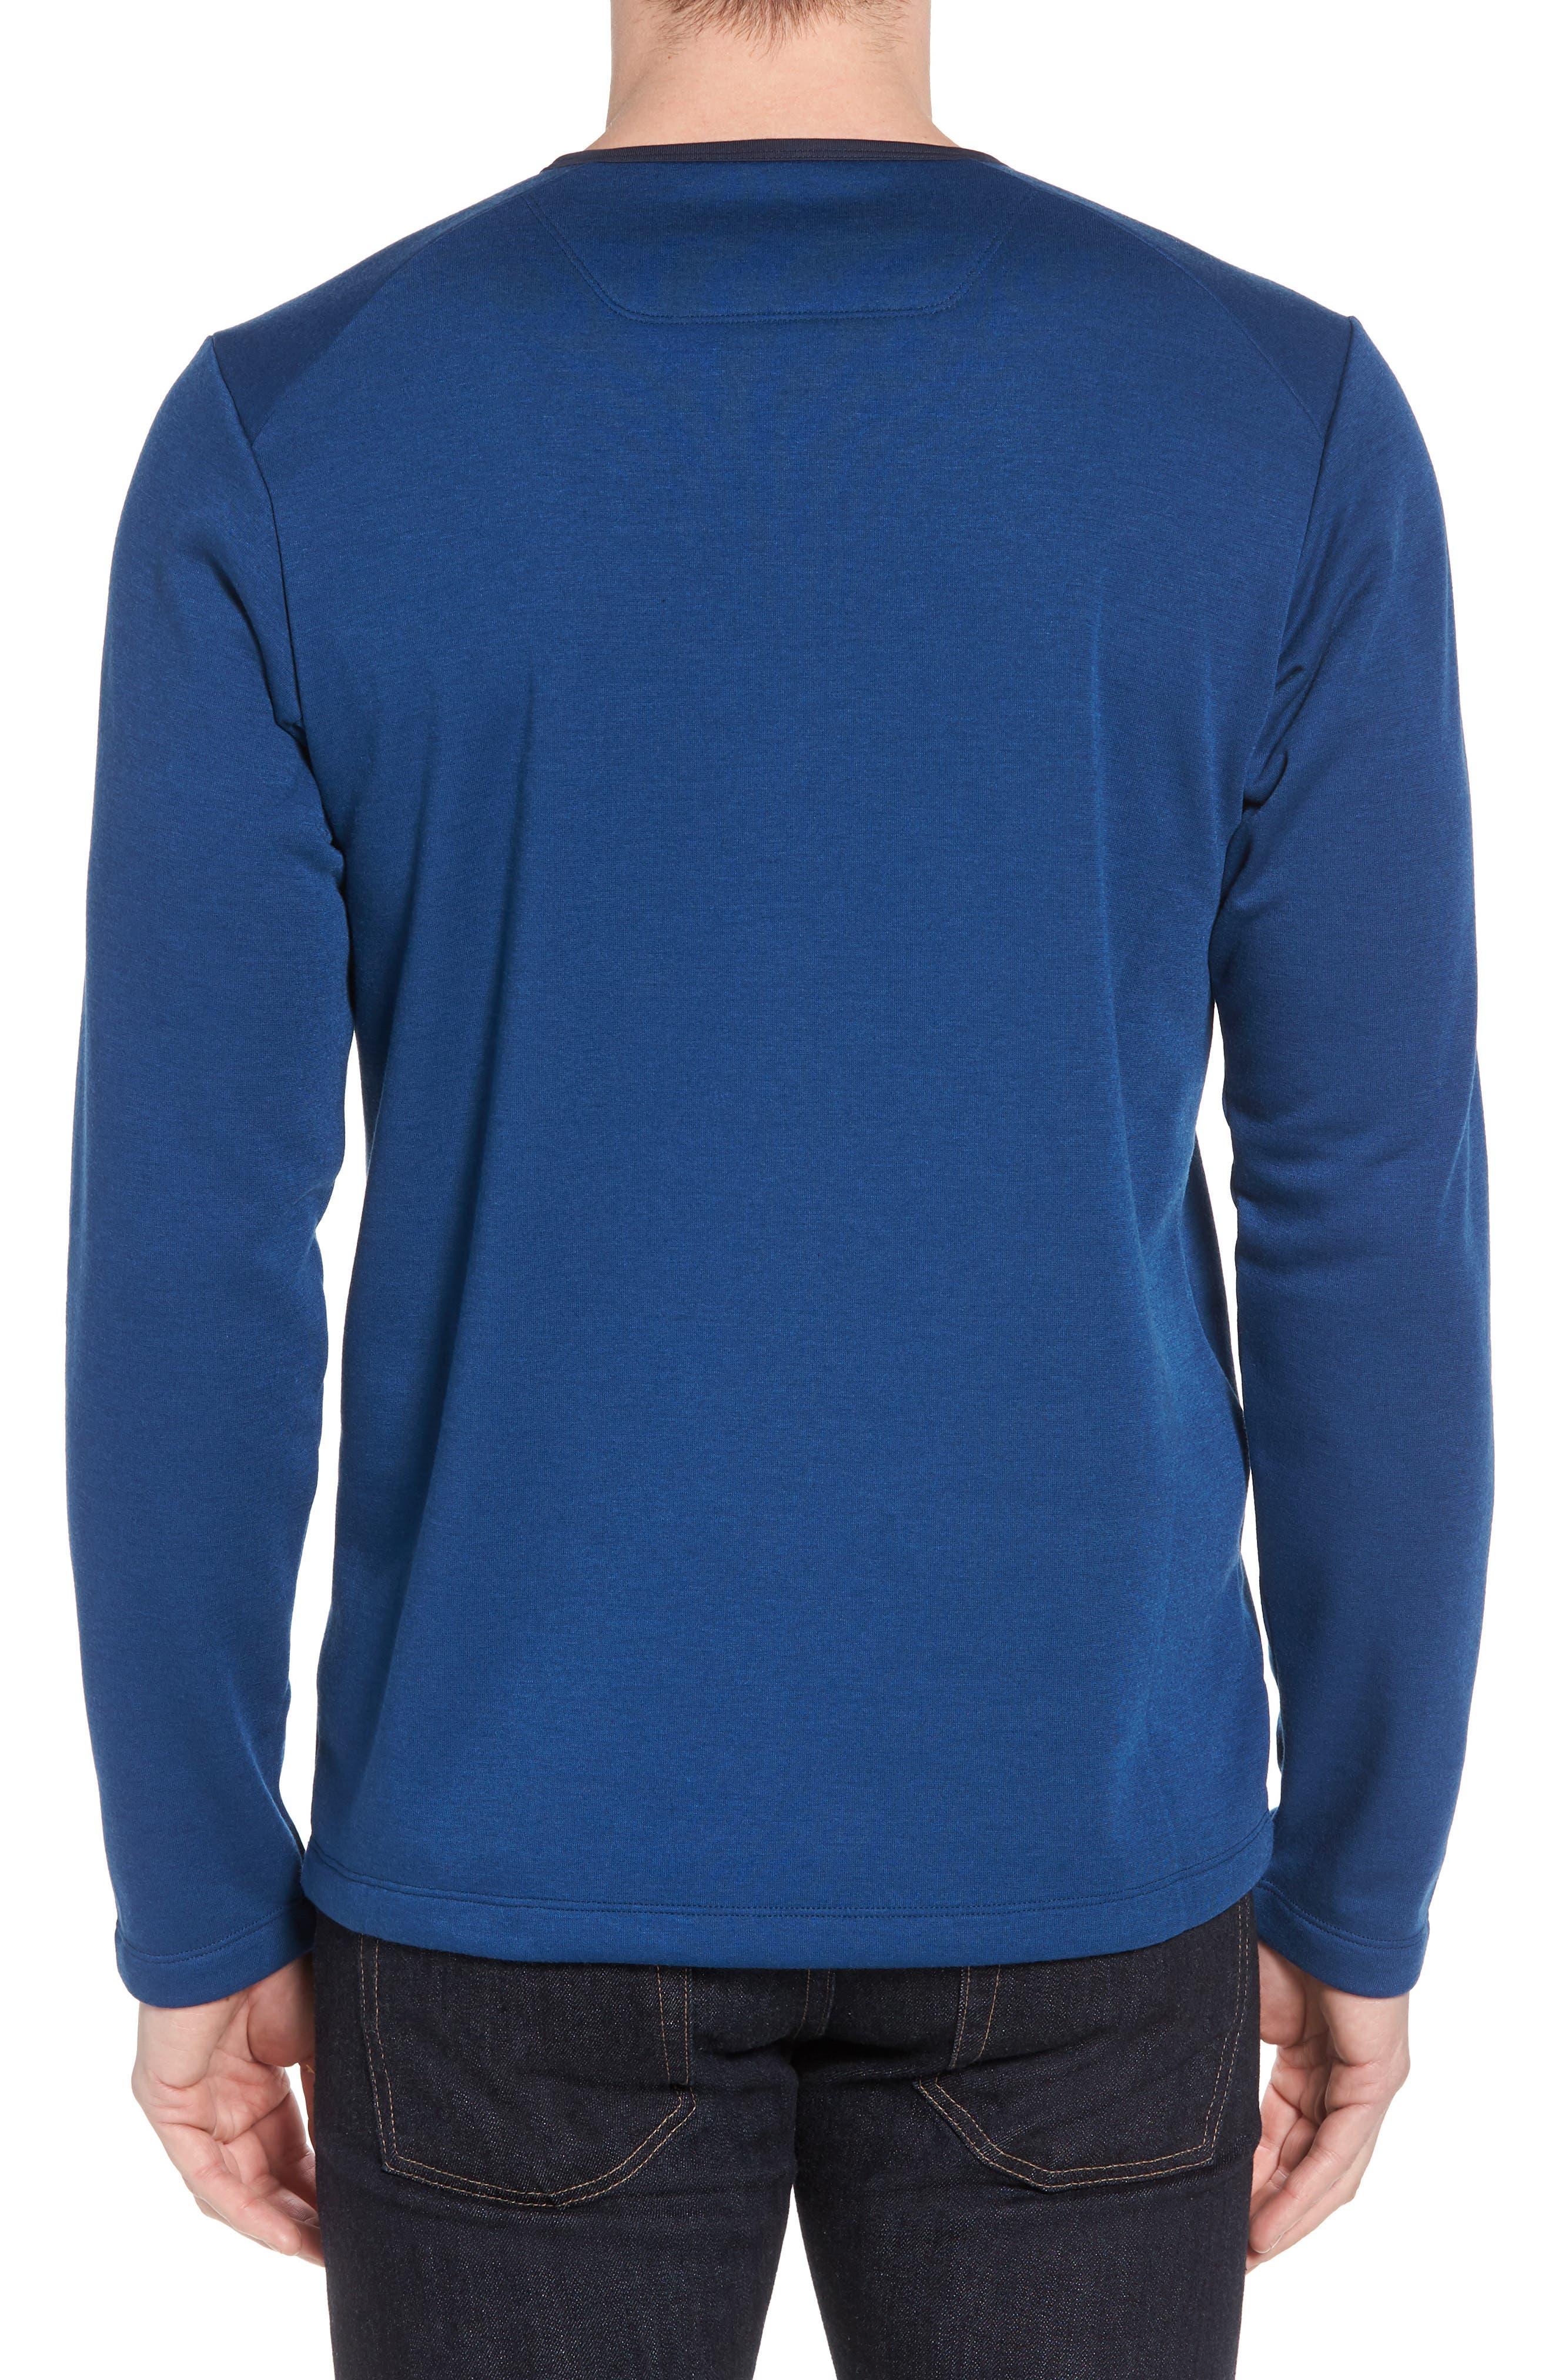 Dallen Sweatshirt,                             Alternate thumbnail 4, color,